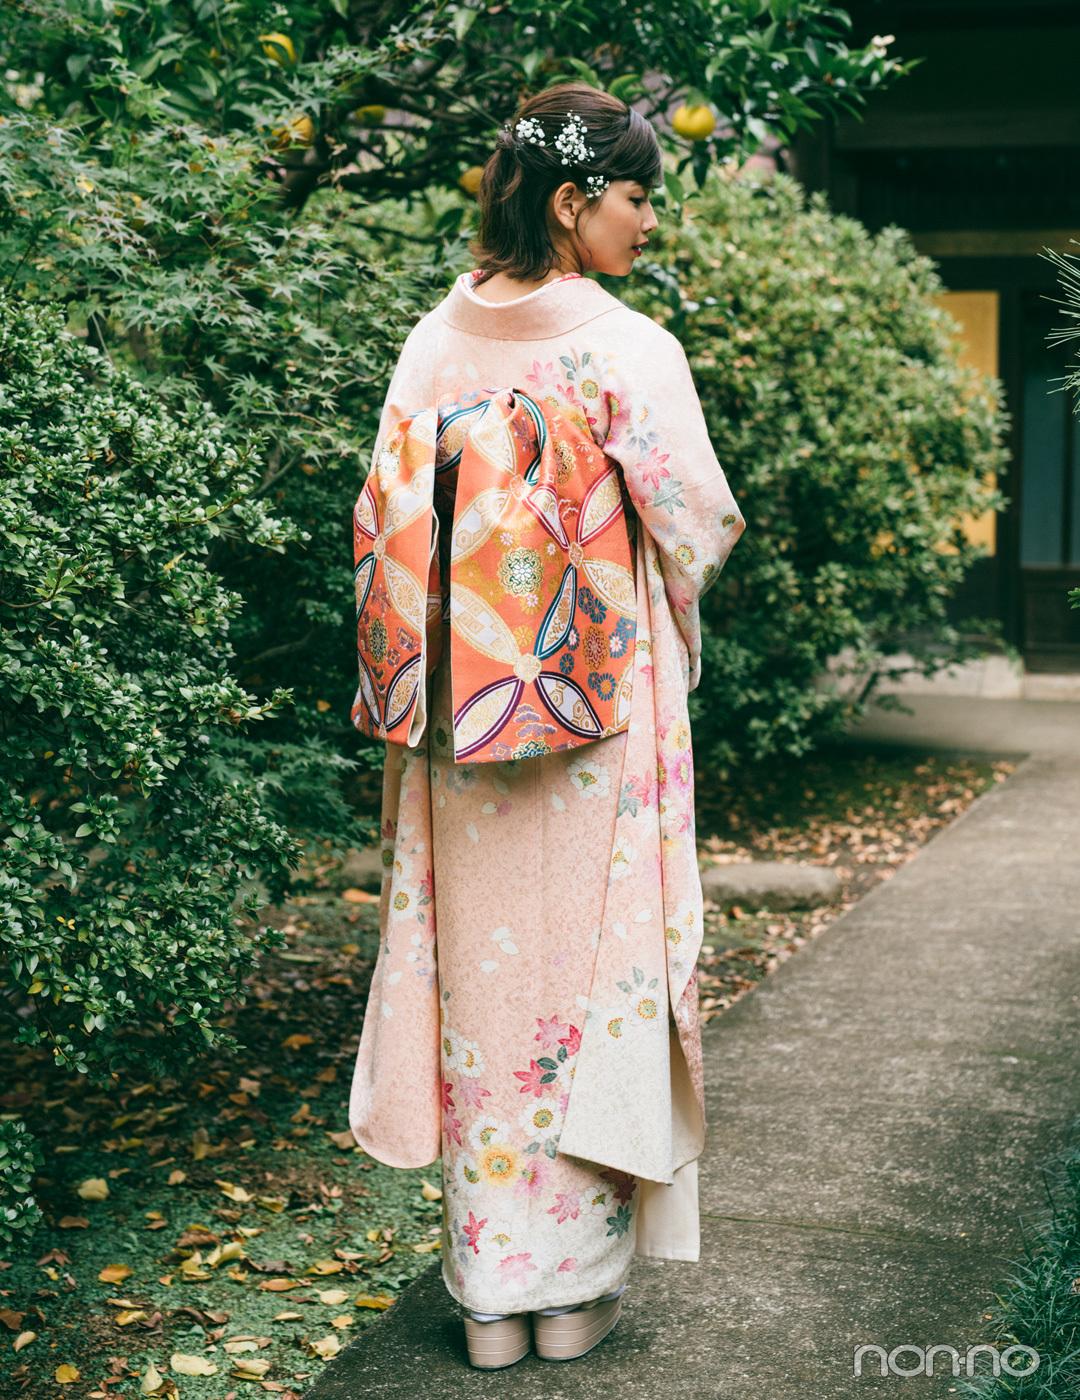 渡邉理佐の振袖コーデ♡ ピンクは同系色合わせで上品&可愛らしく【成人式2020】_1_2-2